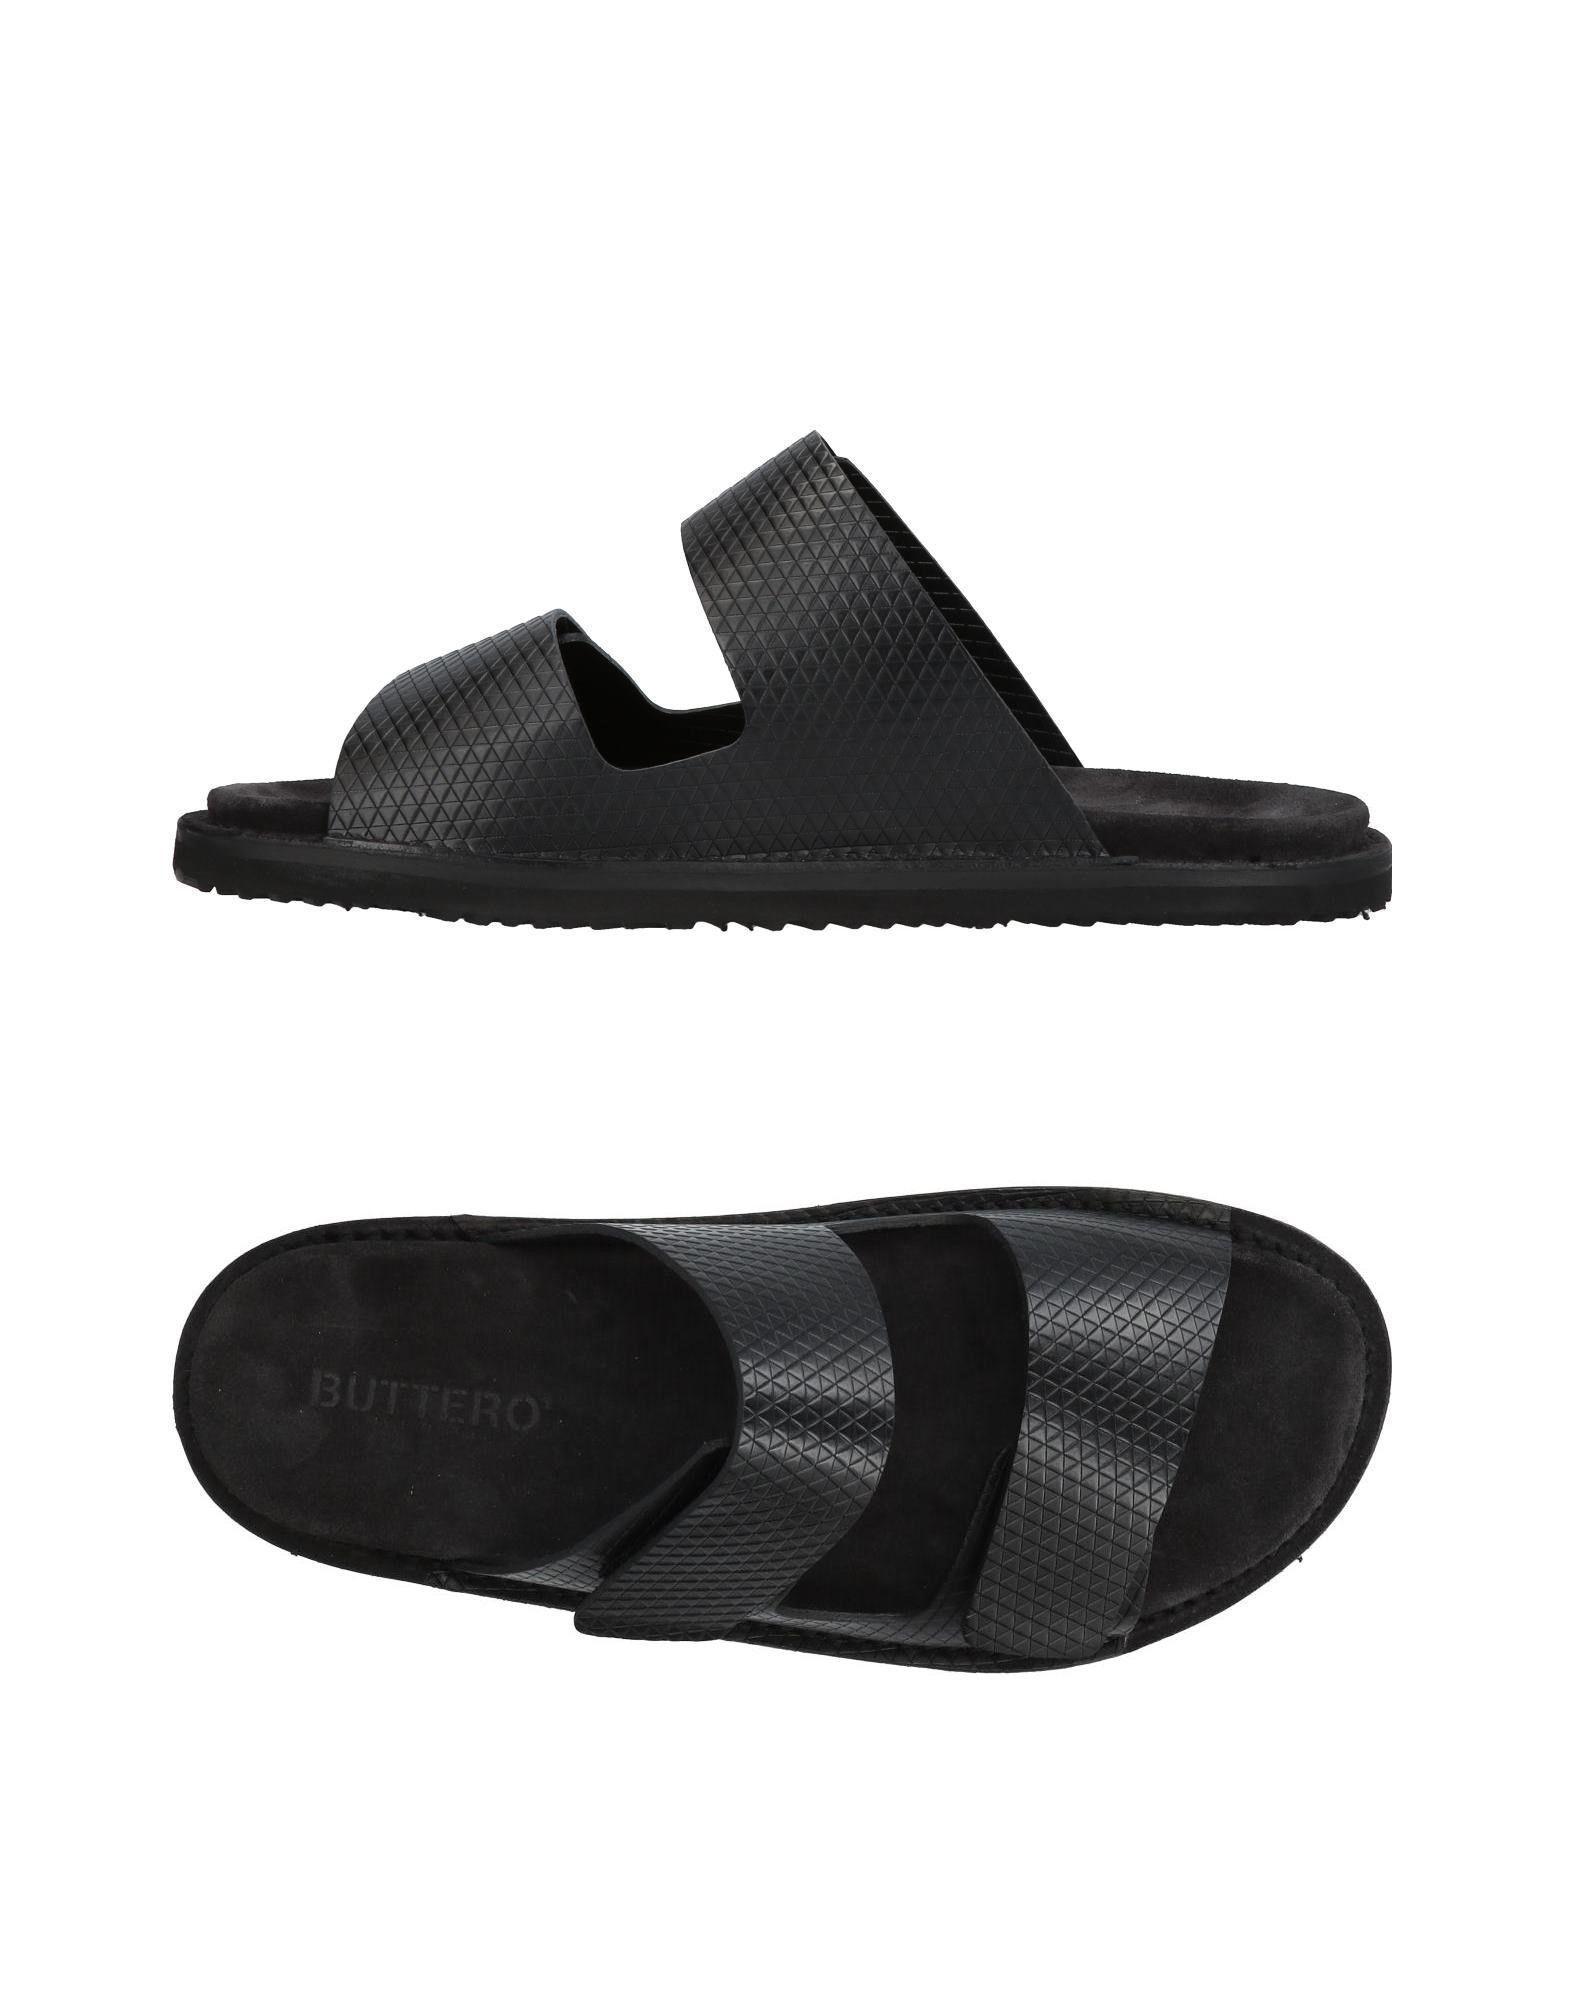 FOOTWEAR - Toe post sandals Buttero DpLKgjk